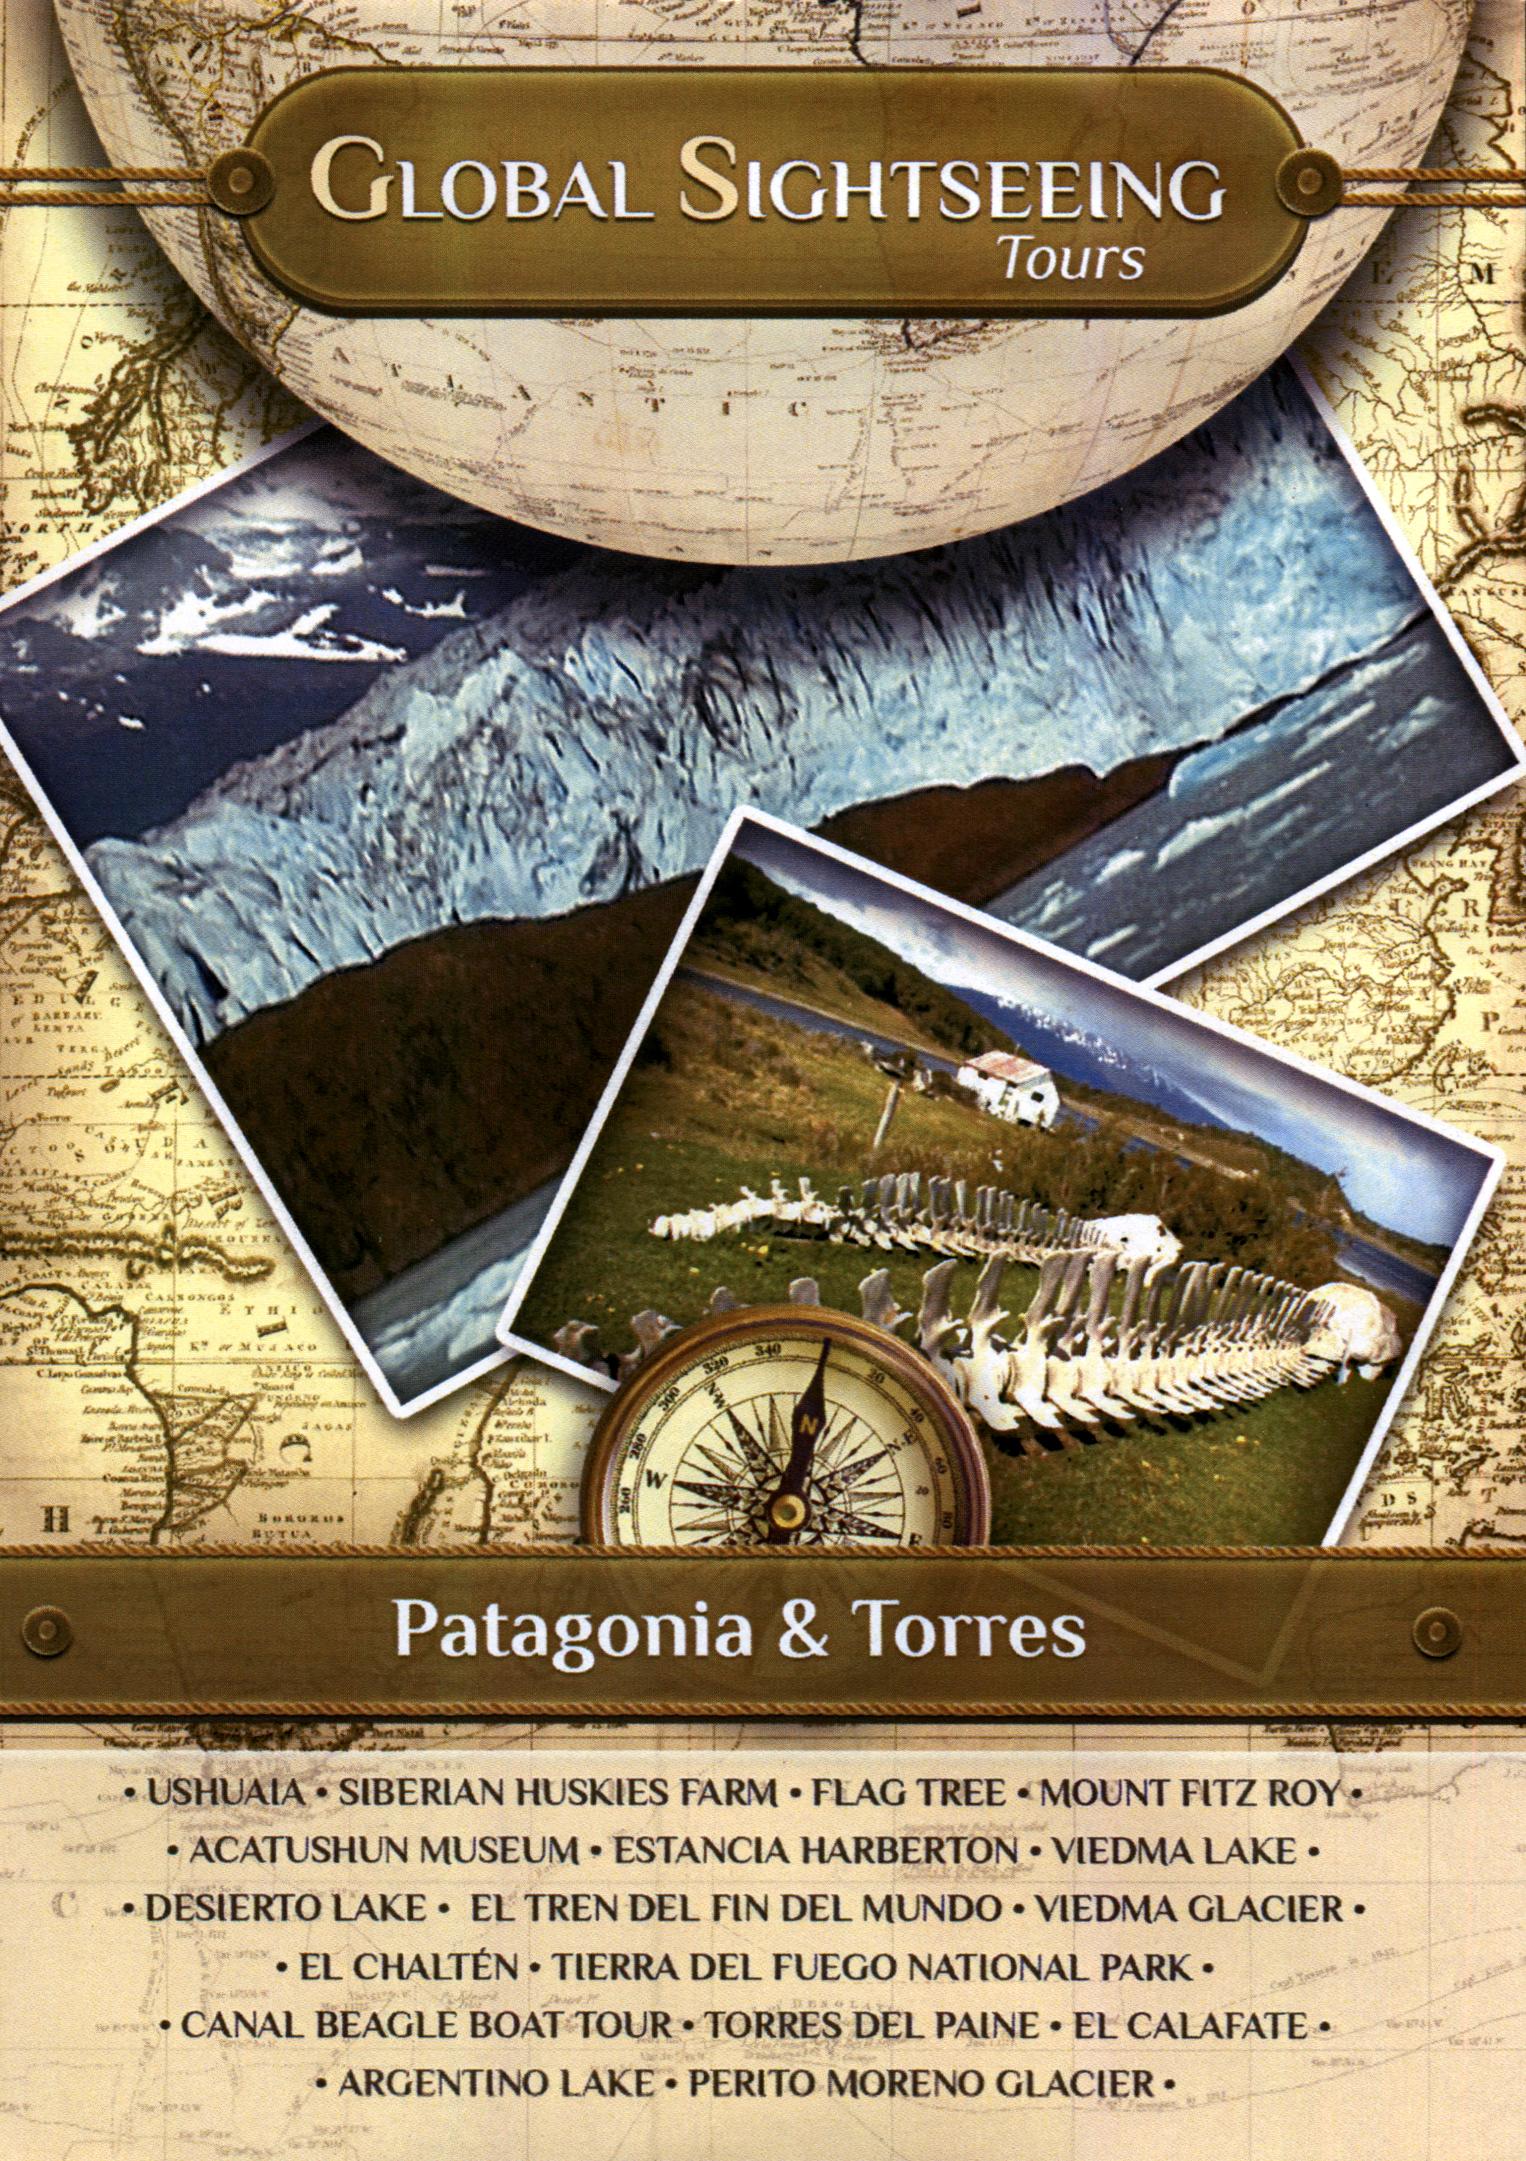 Global Sightseeing Tours: Patagonia & Torres